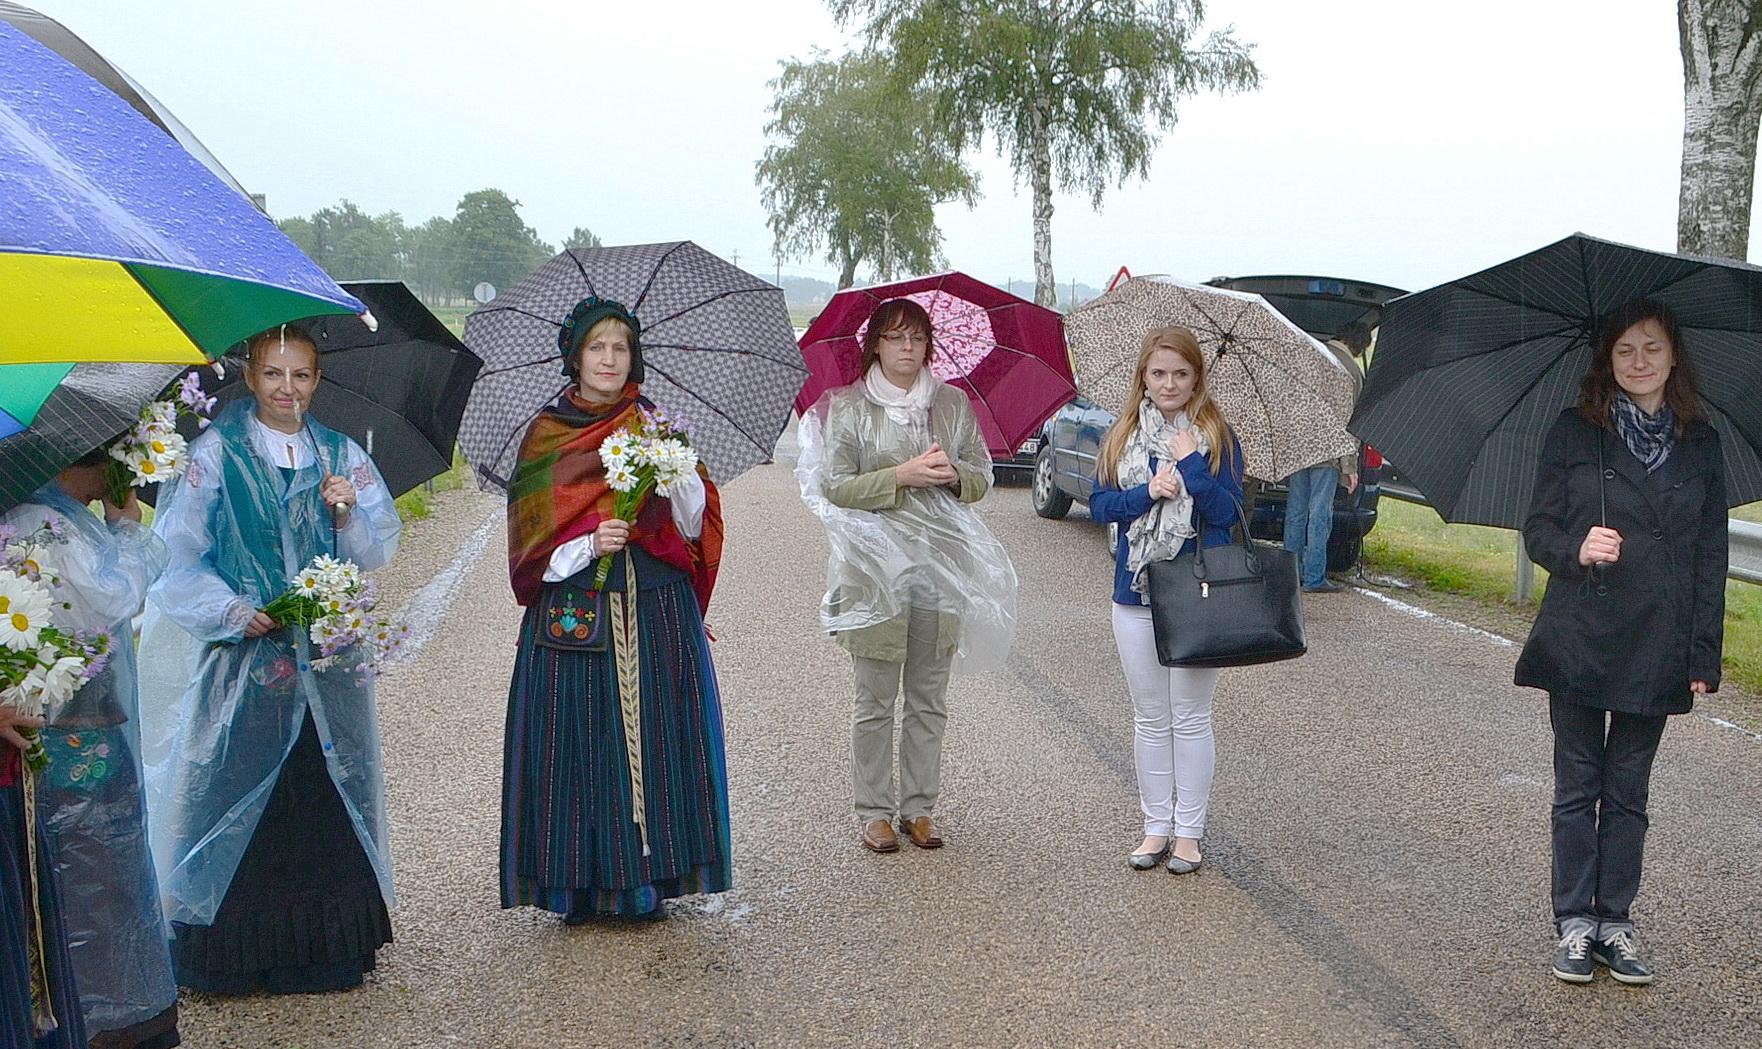 Iškilmių dalyvius merkė stiprokas Pamario lietus.